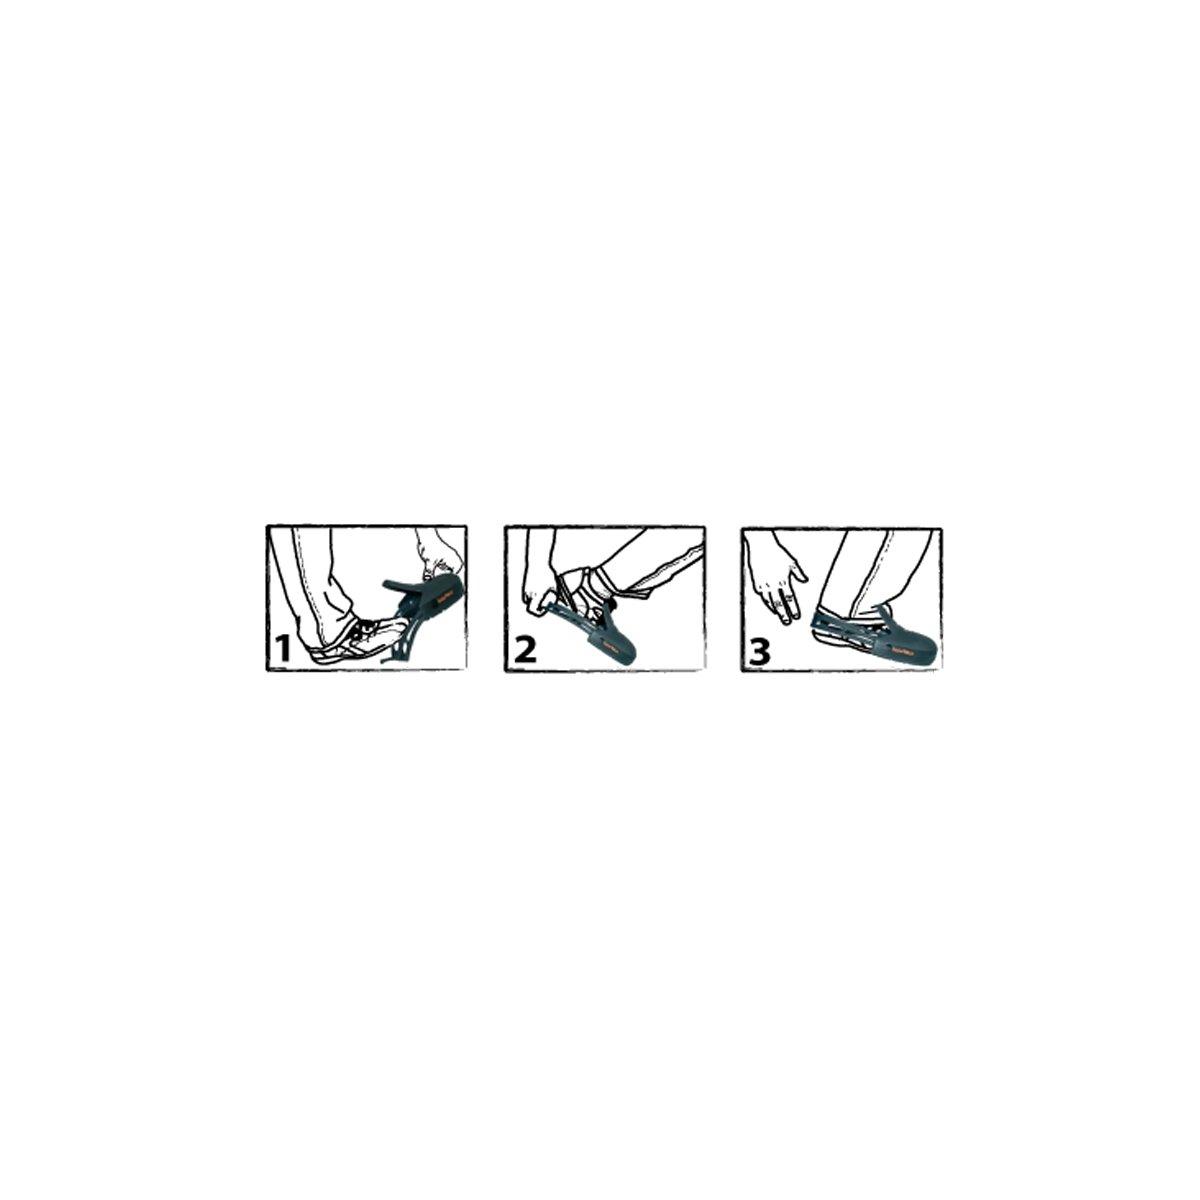 Fabrication Fran/çaise Id/éal pour visiteurs Coque de protection Etanche et Robuste Surchaussure de s/écurit/é Gaston Mille Mixte : Hommes et Femmes